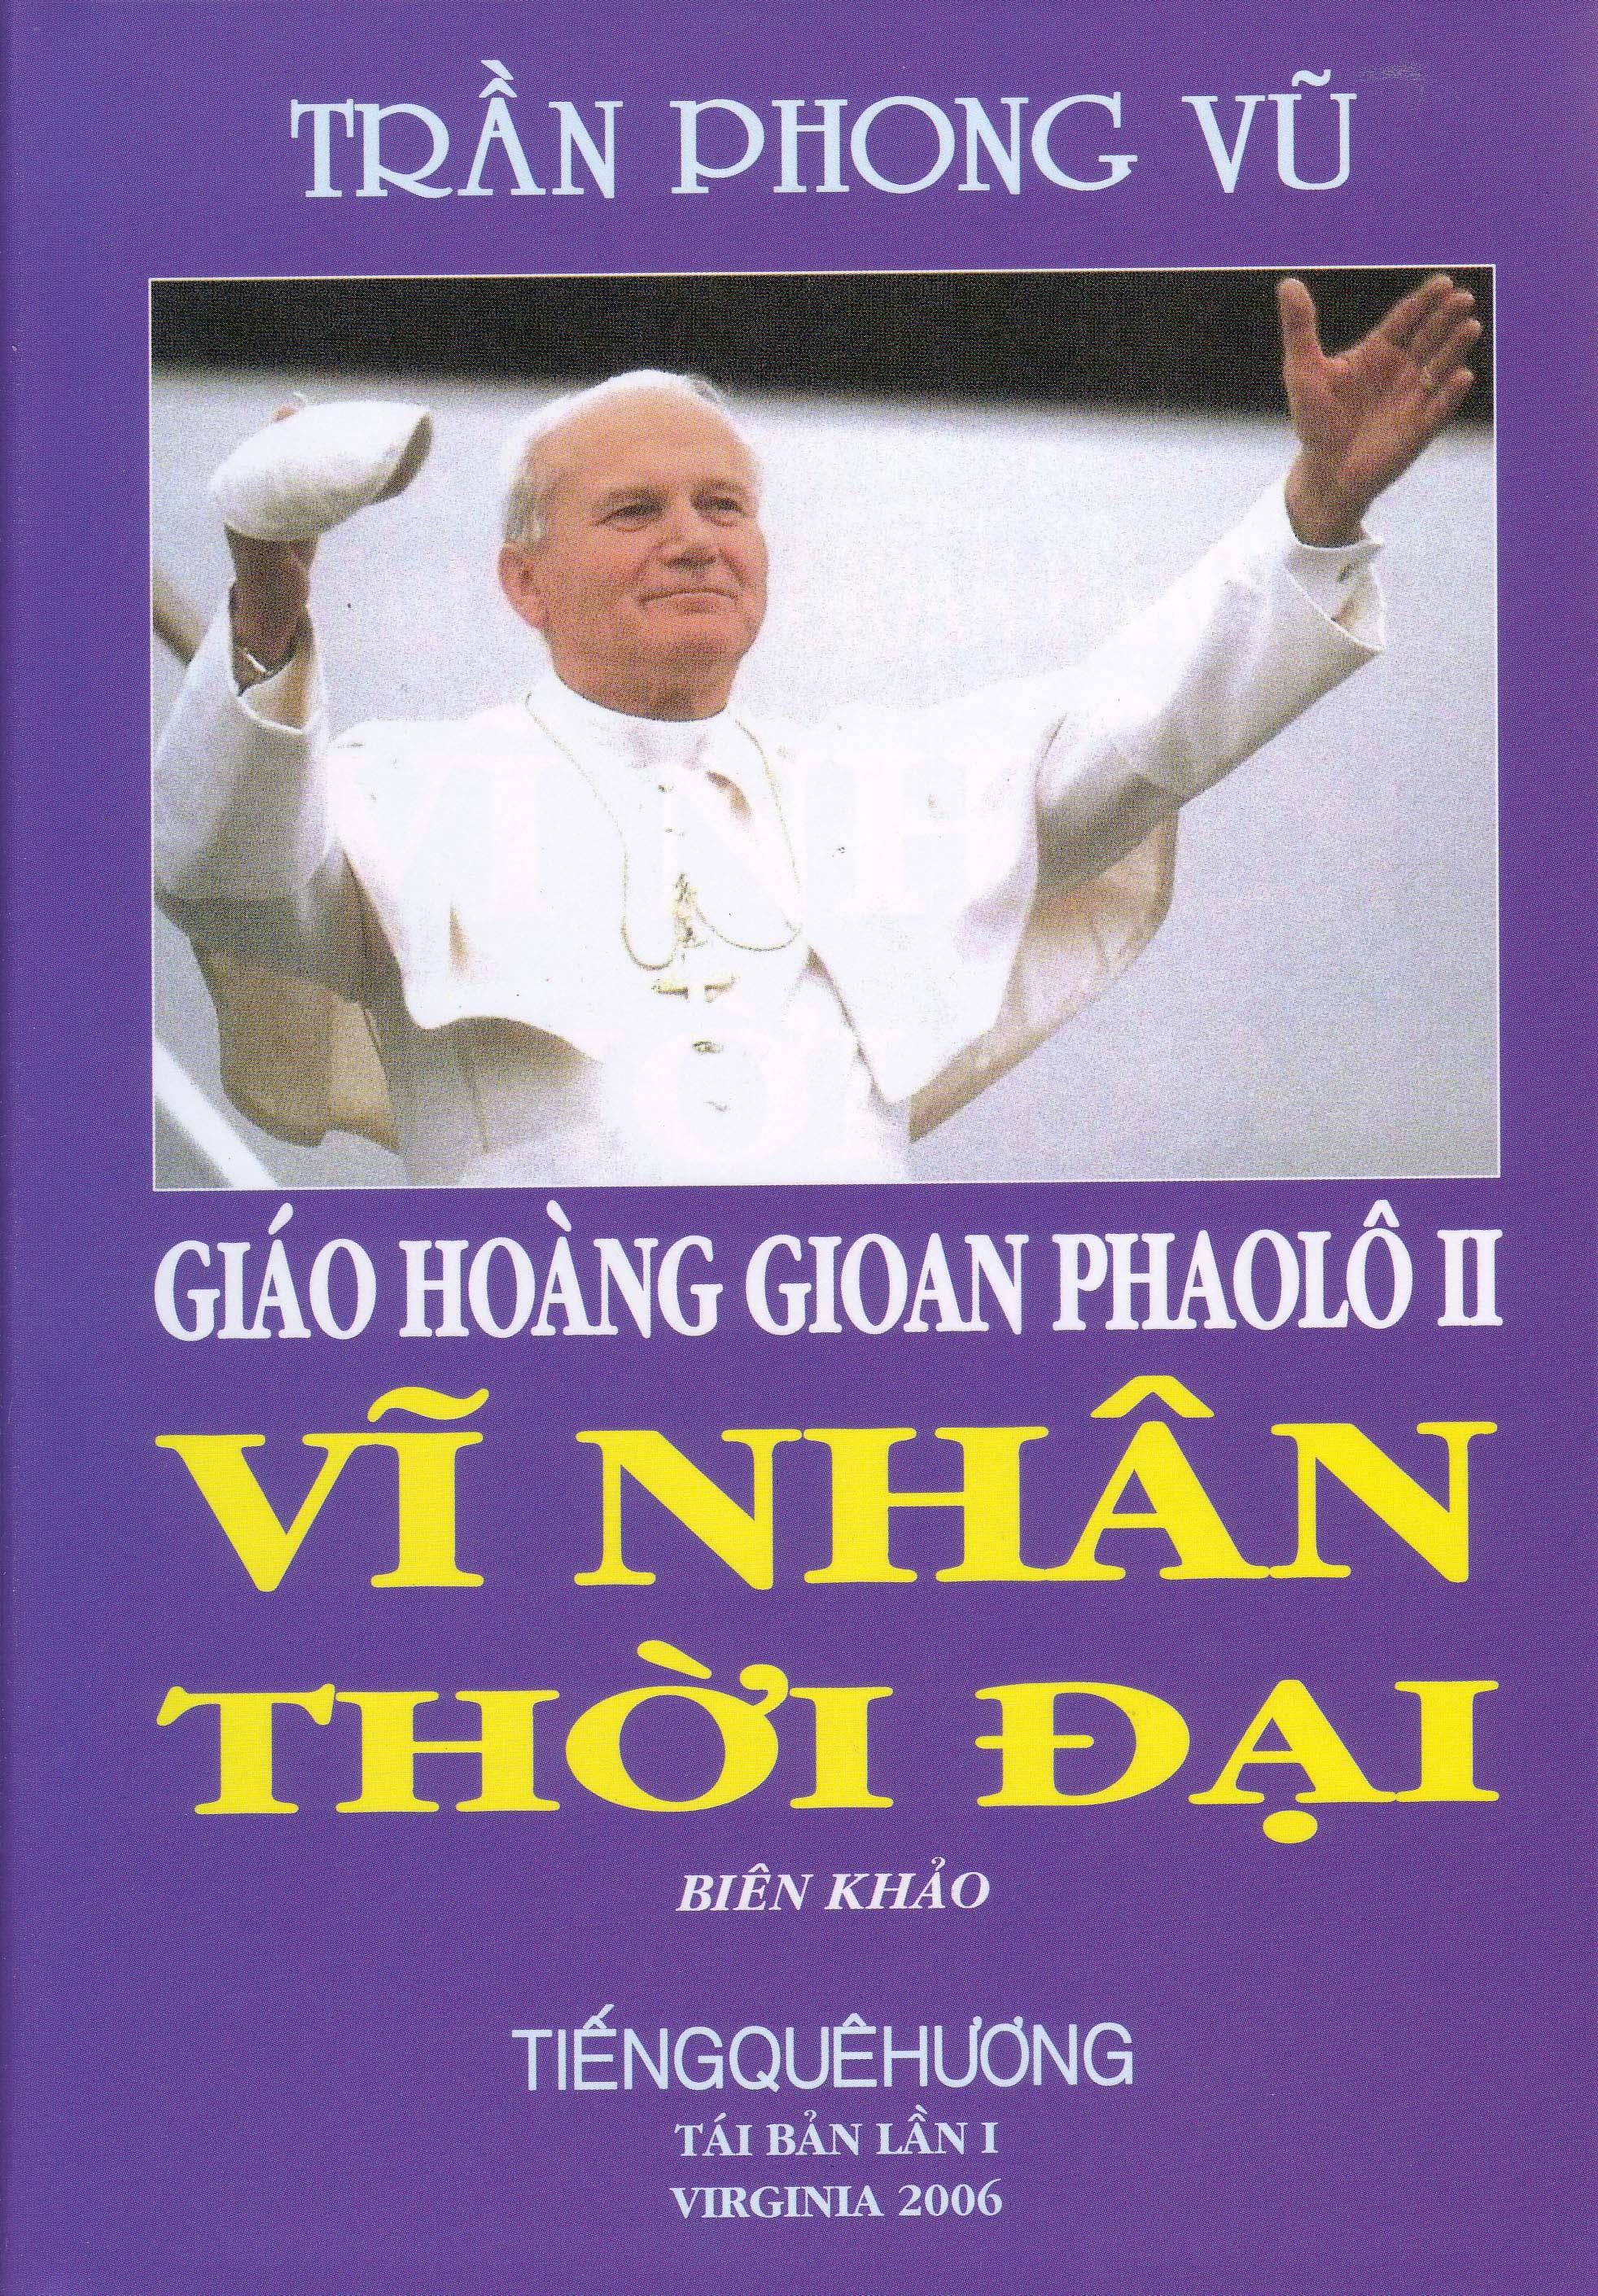 http://diendangiaodan.com/bia_sach_fullsize/vi_nhan_thoi_dai1.jpg